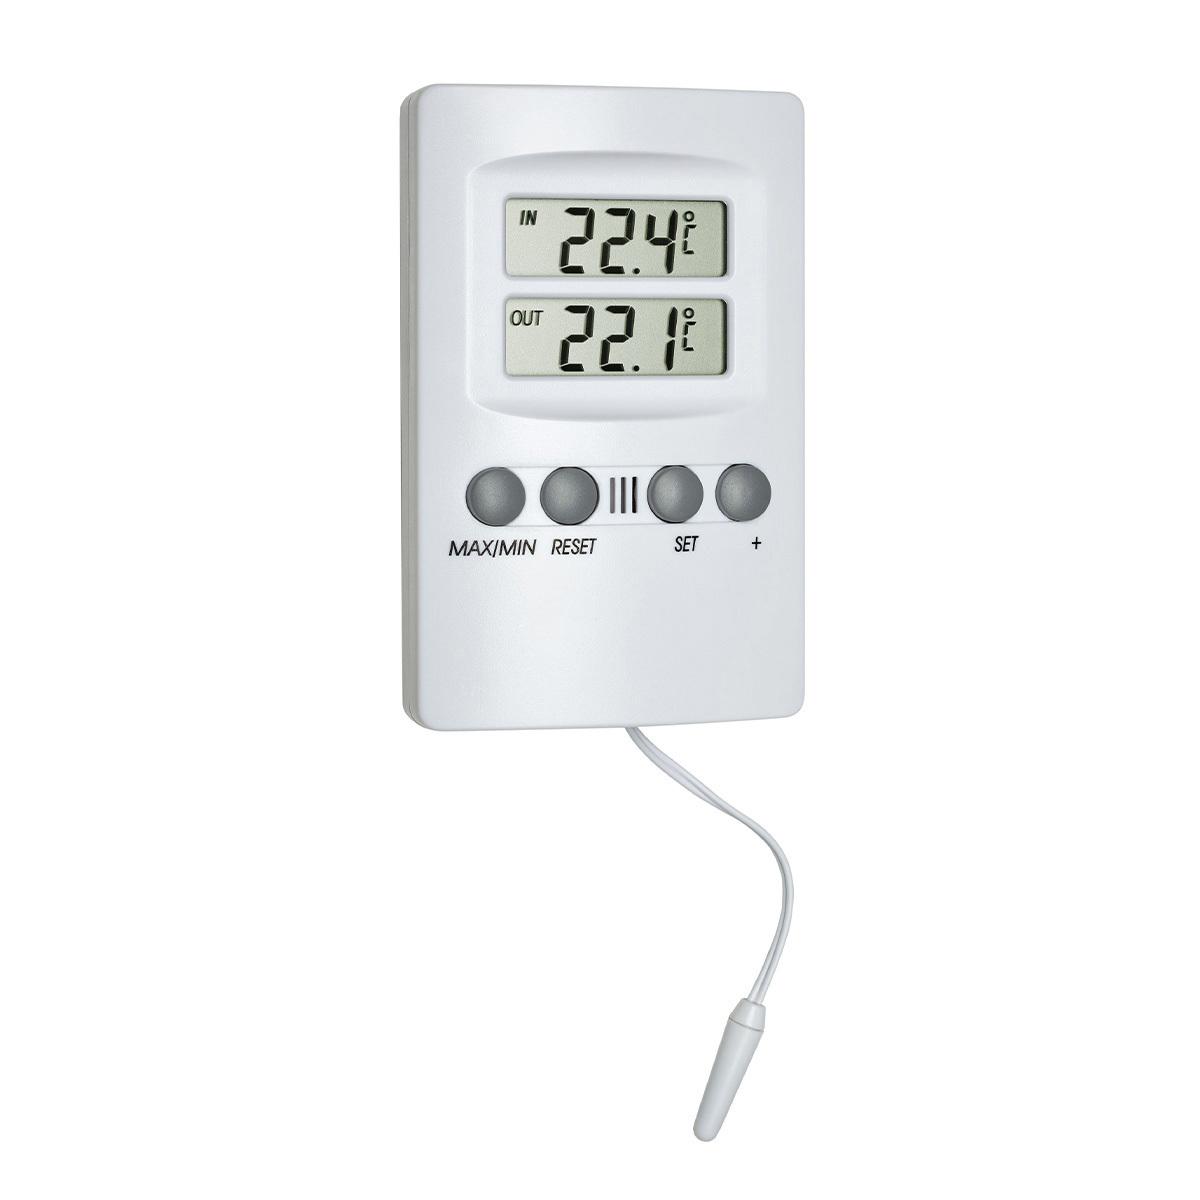 30-1024-digitales-innen-aussen-thermometer-mit-alarm-1200x1200px.jpg